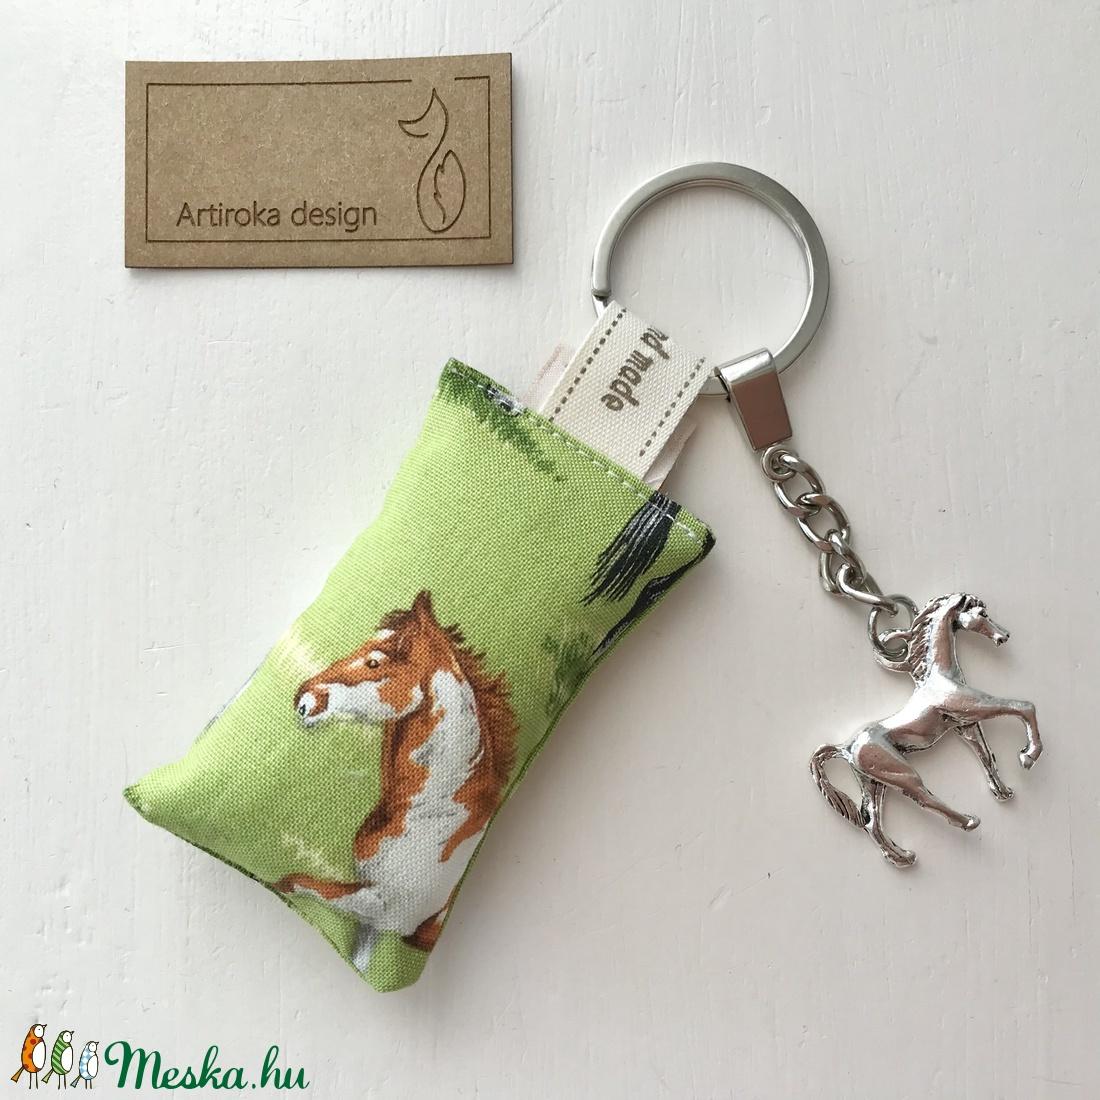 Ló mintás egyedi kulcstartó egy 3D lovas medállal  - Artiroka design - táska & tok - kulcstartó & táskadísz - kulcstartó - Meska.hu